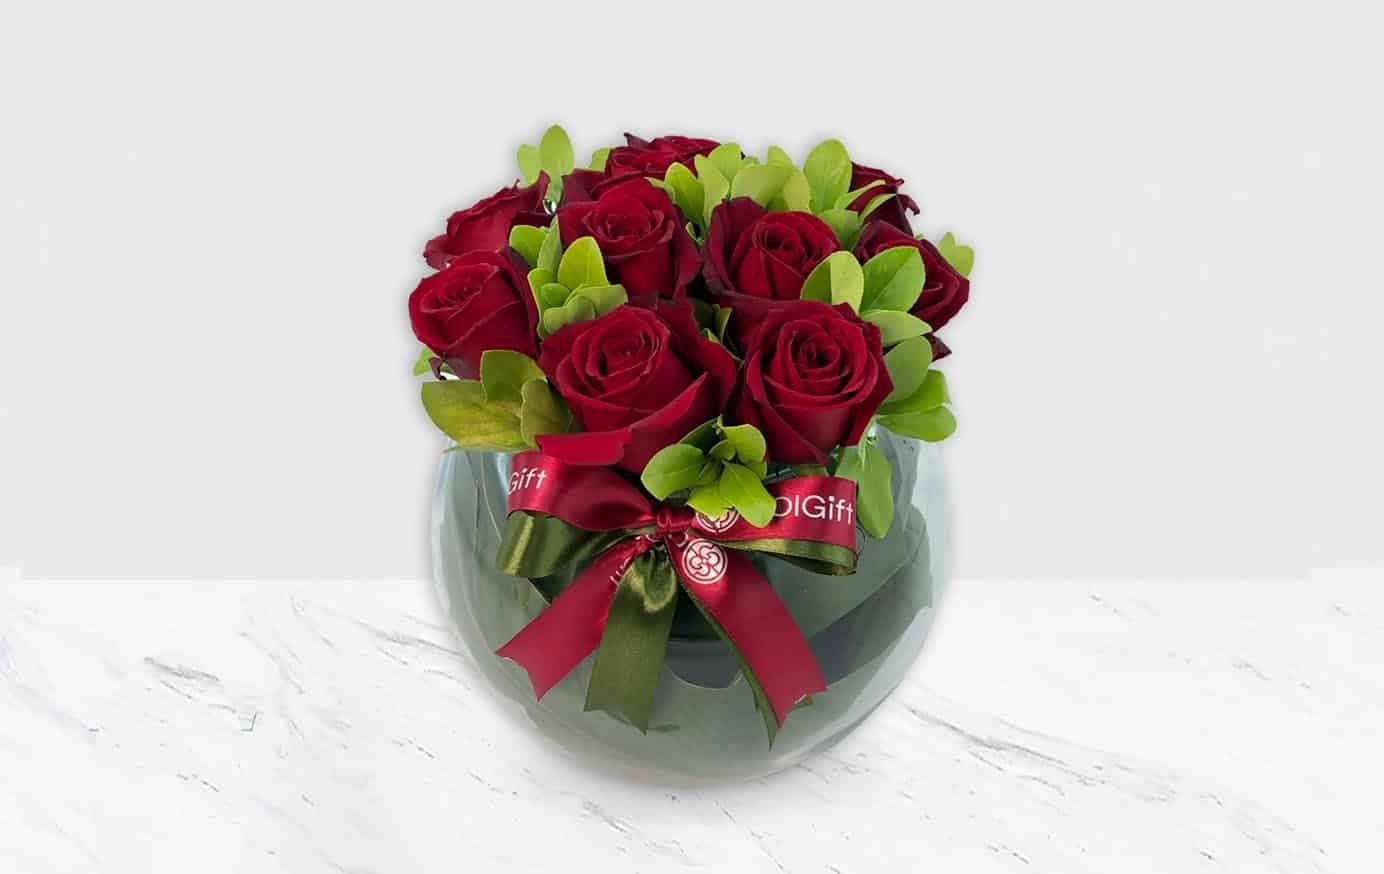 خرید اینترنتی گل چه مزایایی دارد؟!